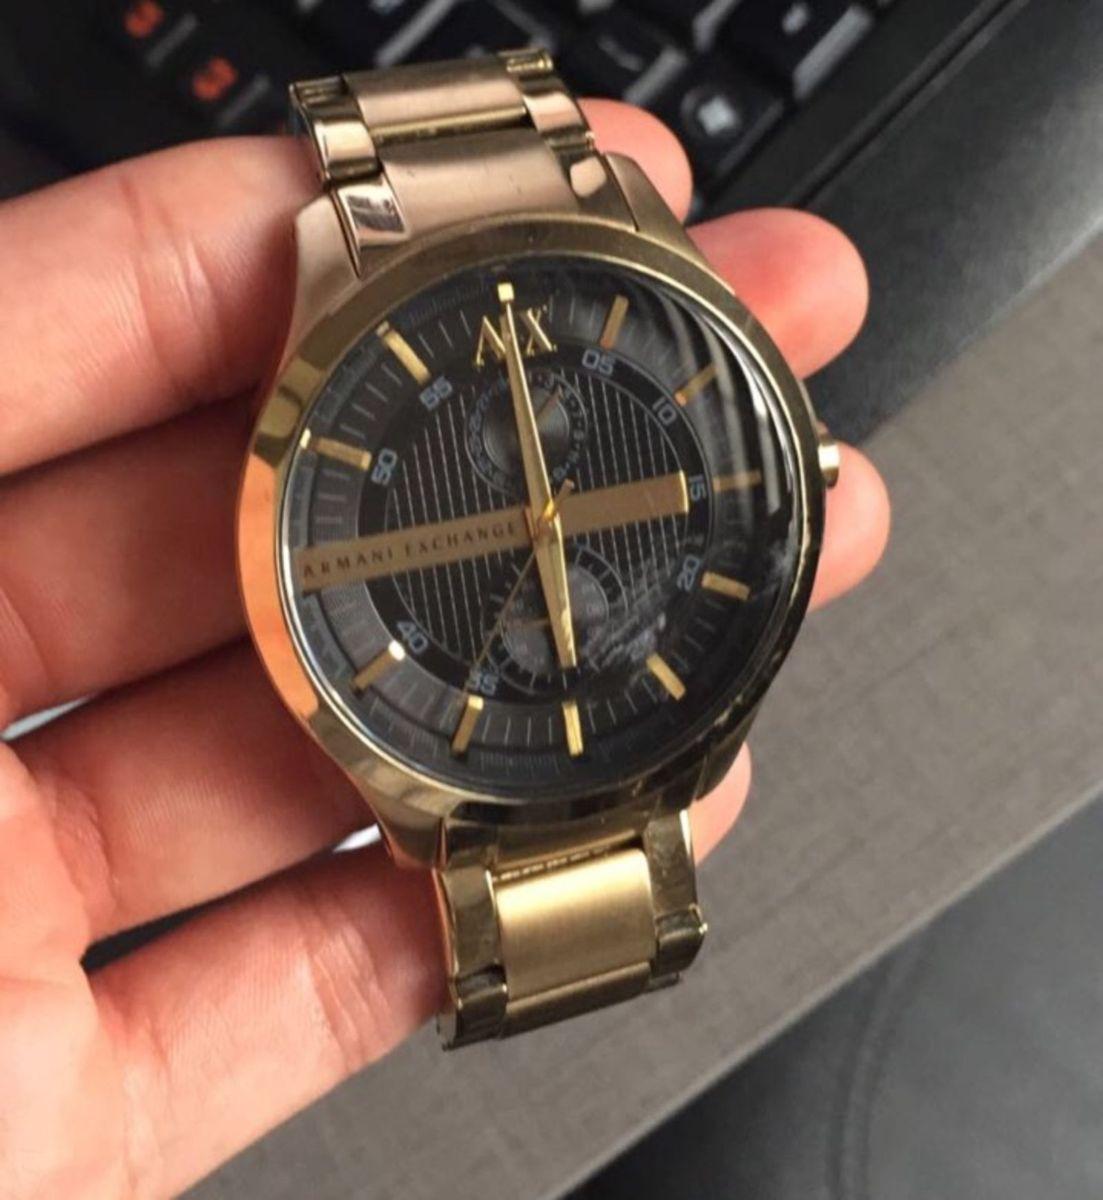 6ea3b51a6ffe7 armani relógio ax2122 - relógios armani-exchange.  Czm6ly9wag90b3muzw5qb2vplmnvbs5ici9wcm9kdwn0cy81odk0nzc0lzixmtrjzti0ytk1njkwztlkzdmzndc0ztezogvhnzy1lmpwzw  ...